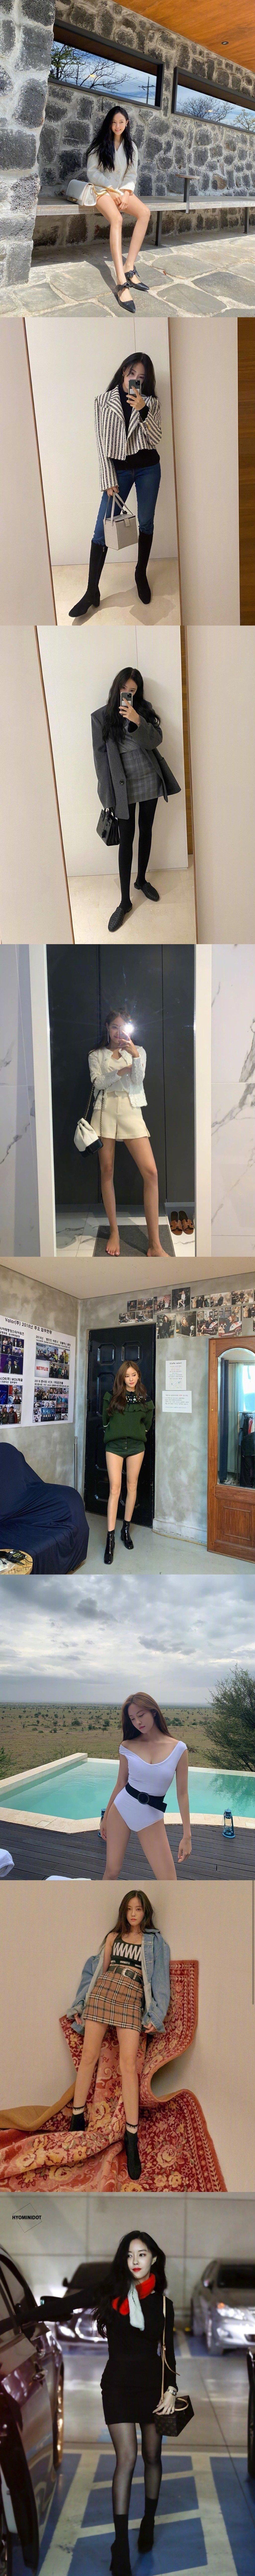 腿精 | 李圣经/Lisa/金泫雅/李宣美/张元英/朴彩英/孙娜恩/朴孝敏